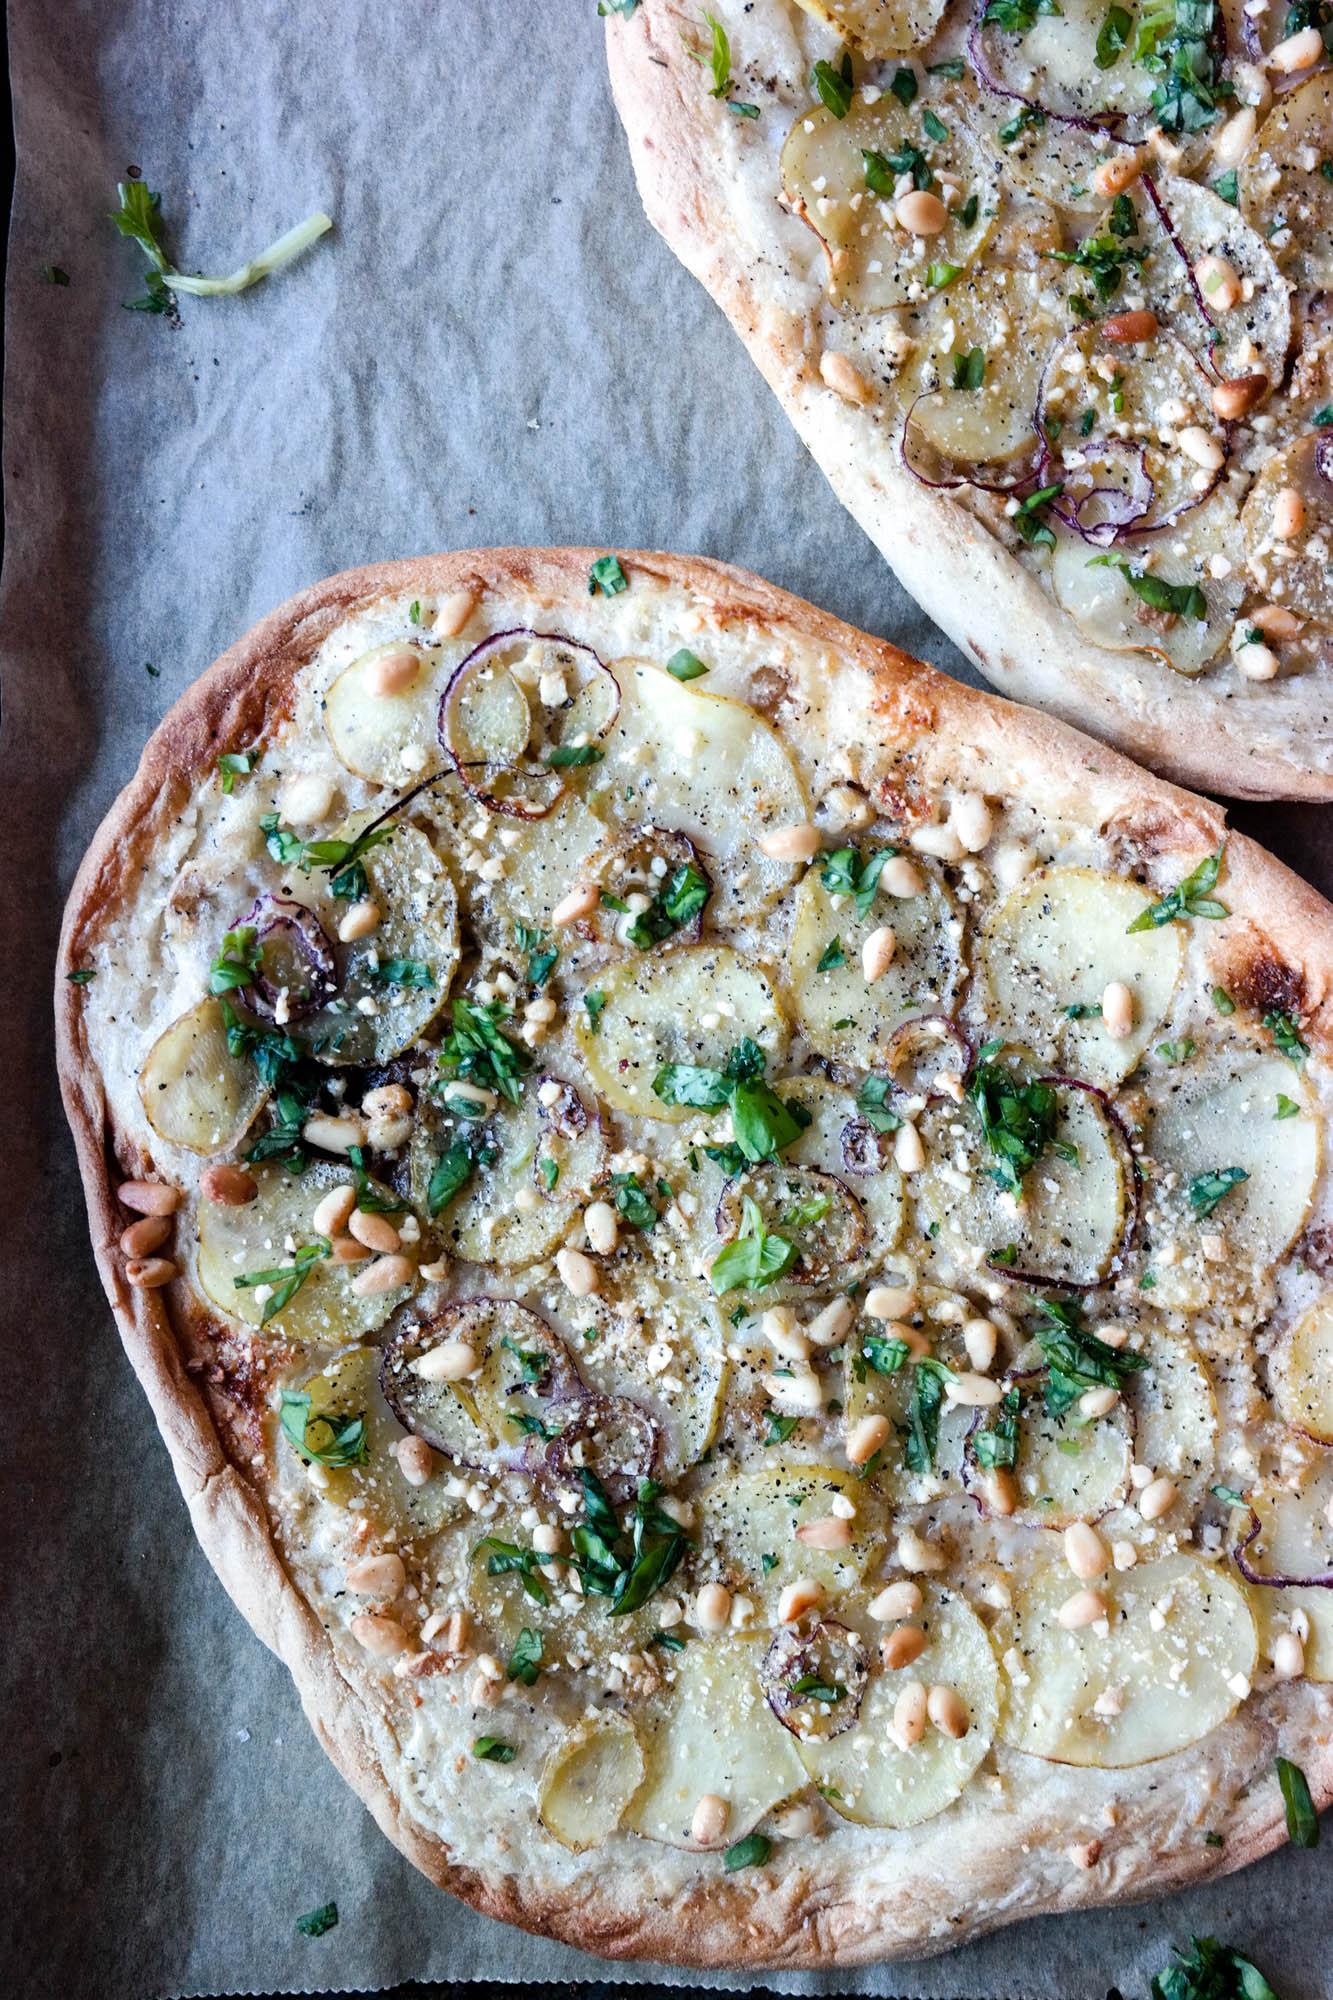 Favorittpizzaen har hvit saus, tynne potetskiver og pinjekjerner på toppen.